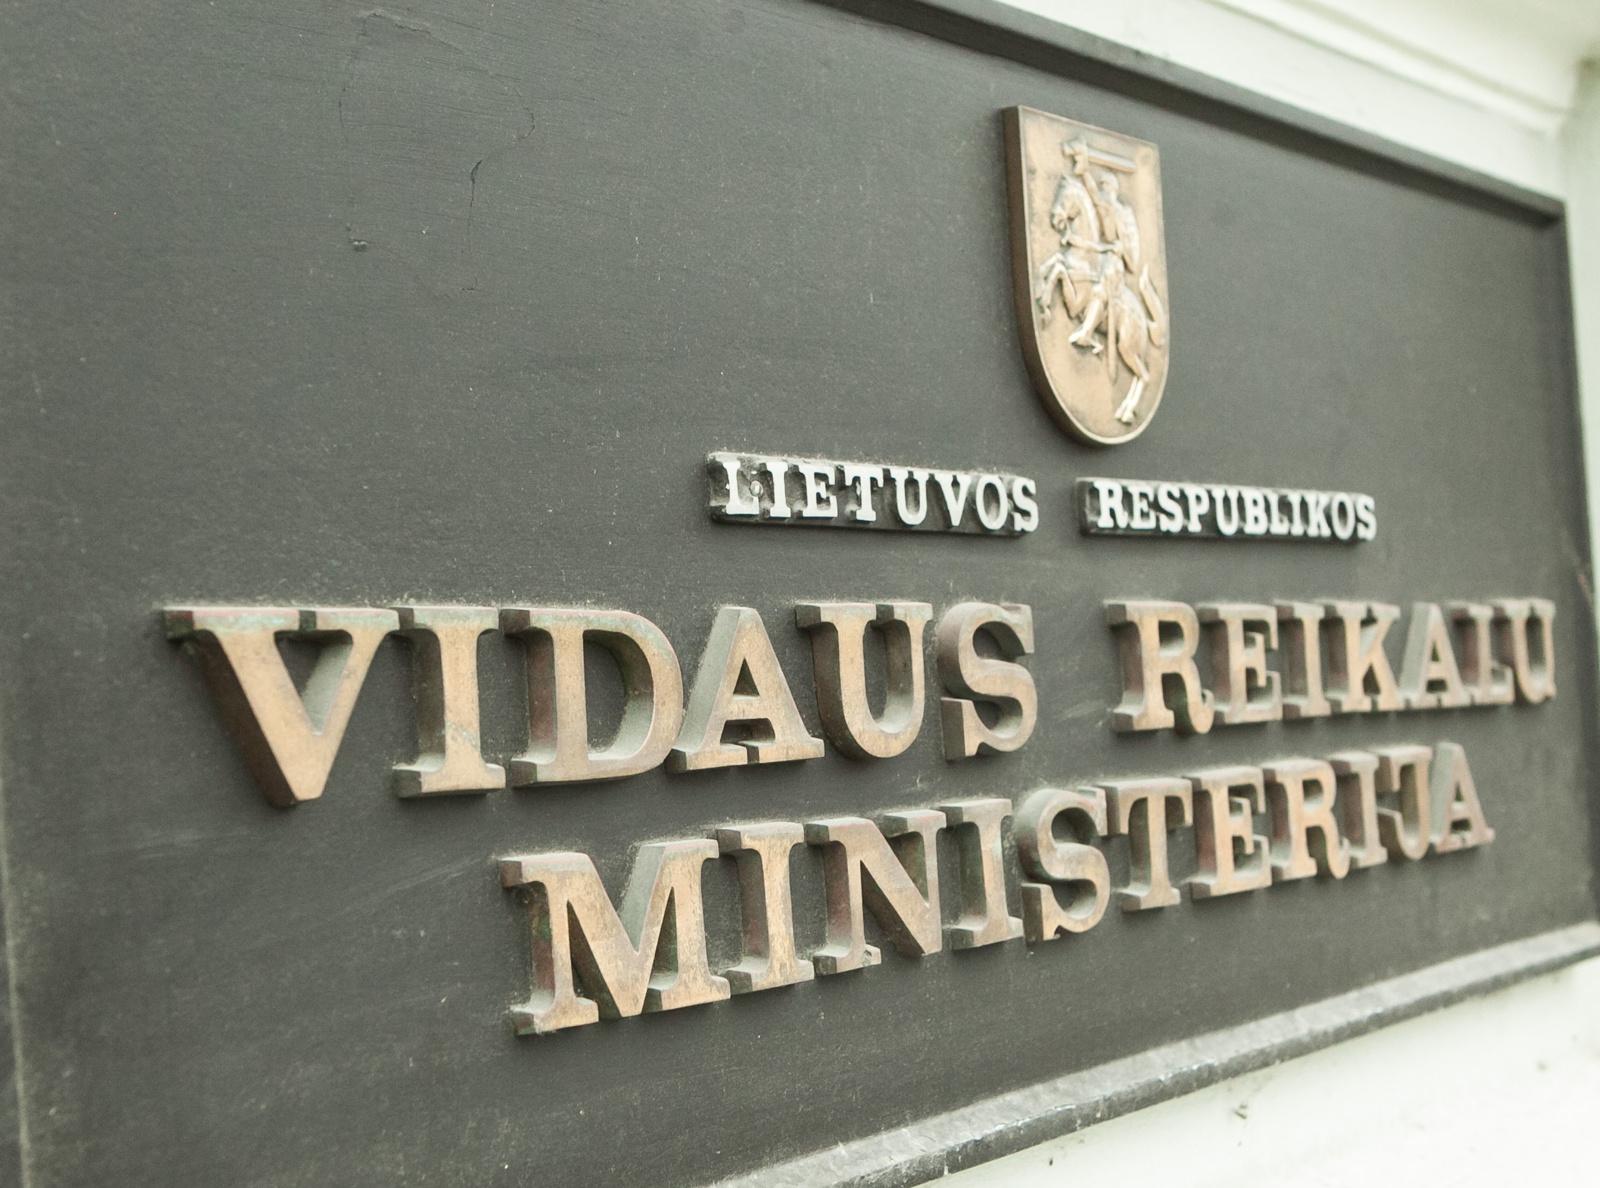 Vidaus reikalų ministerijoje bus atsisakoma perteklinių funkcijų, atlyginimai didės 50-200 eurų